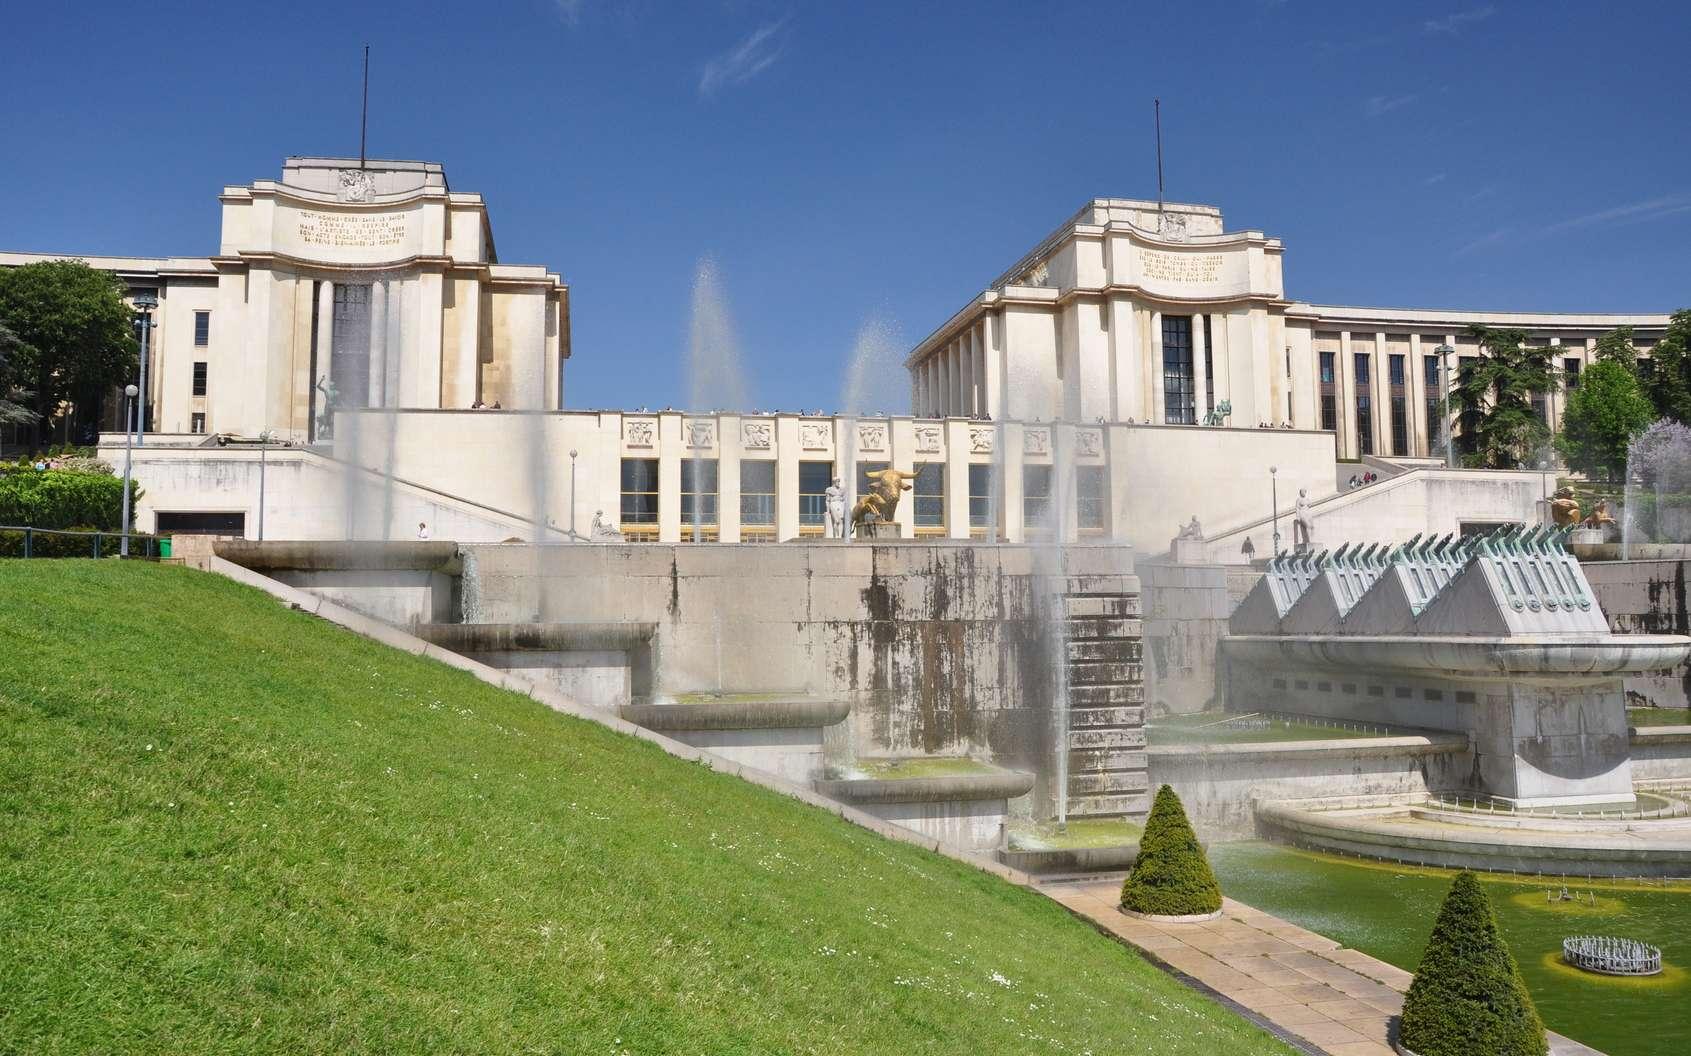 Le musée de l'Homme à Paris a pris place au palais Chaillot. © Henry Czauderna, Fotolia